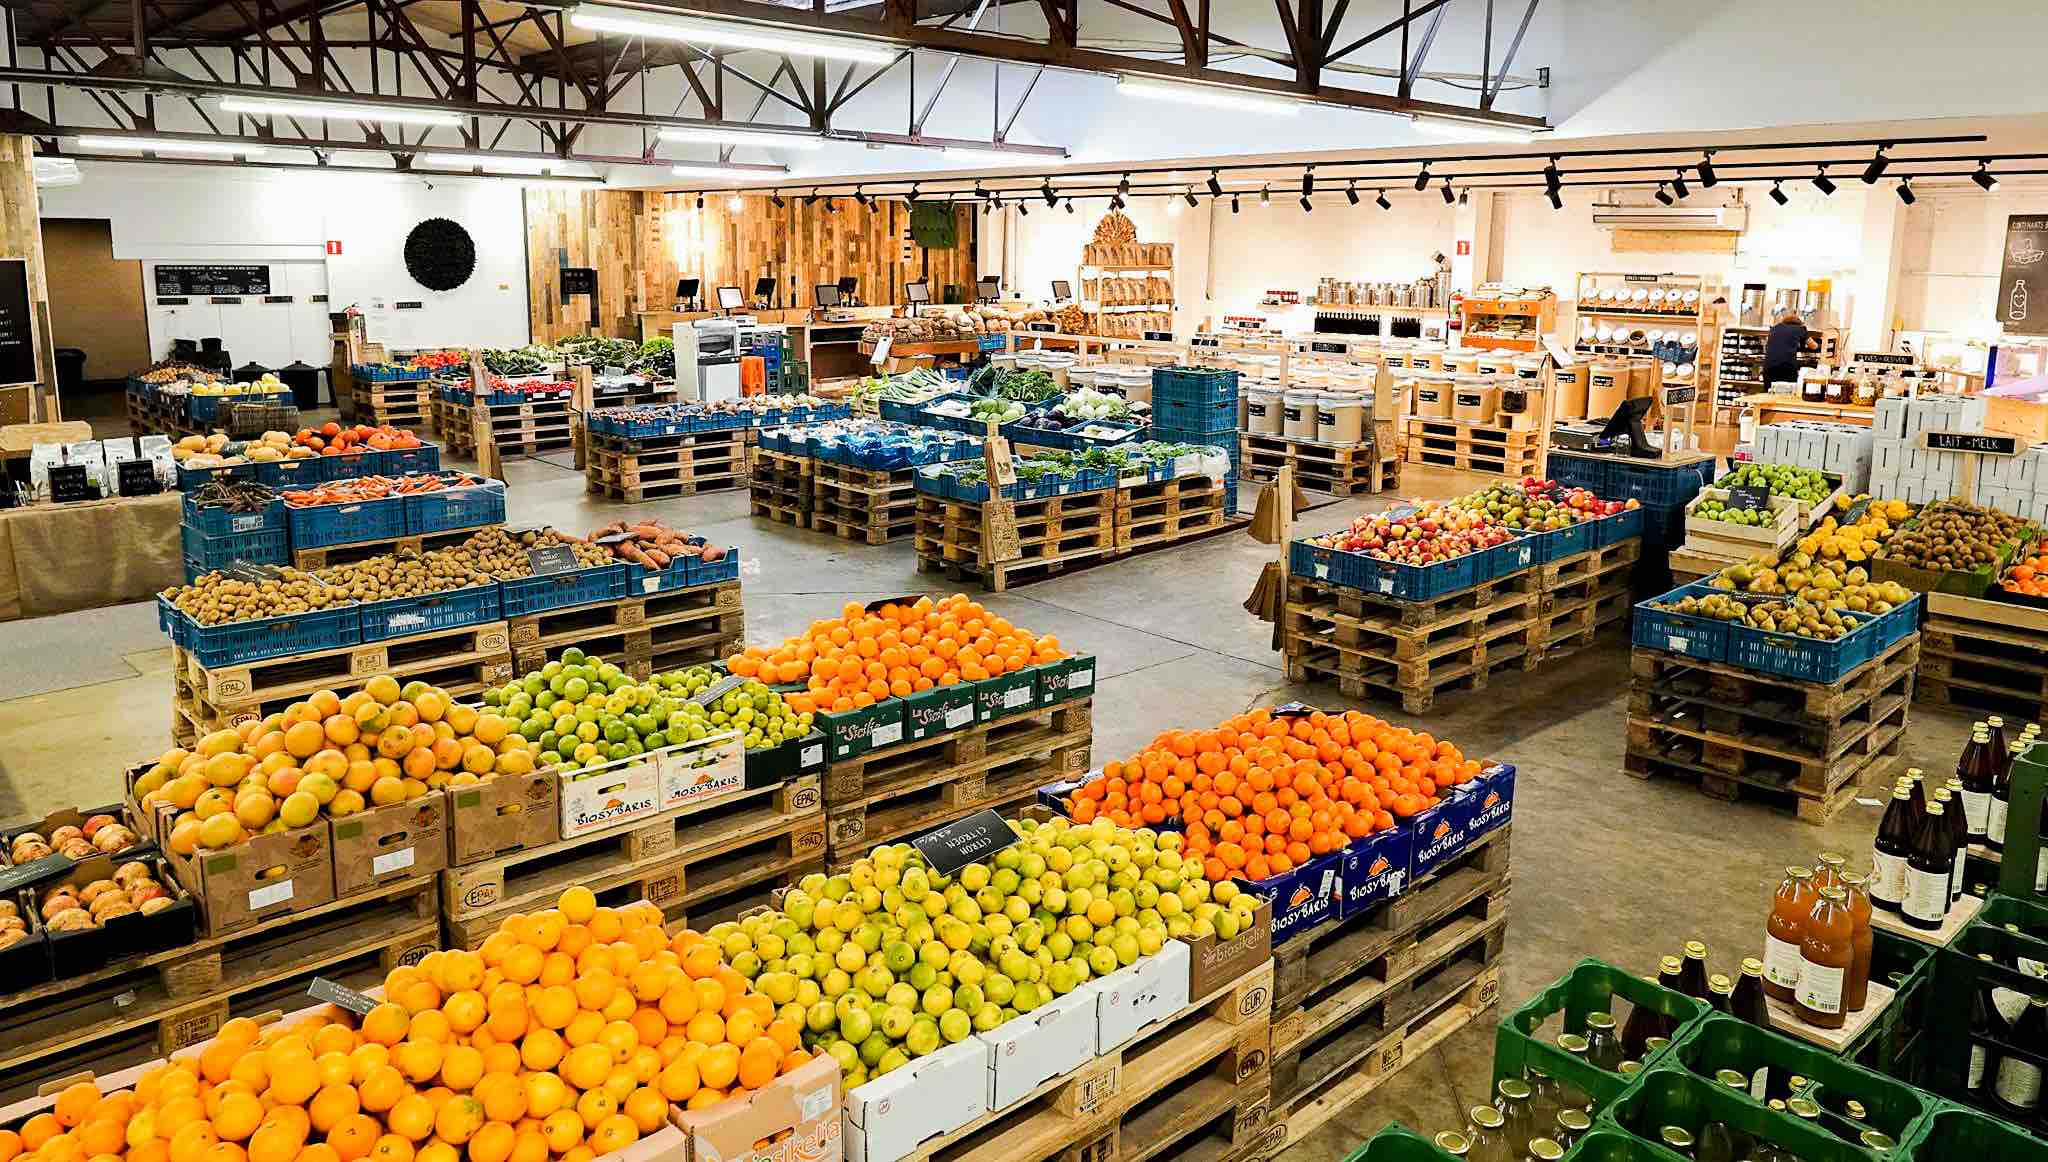 Rondleiding The Barn Bio Market - Antwerpen-Zuid